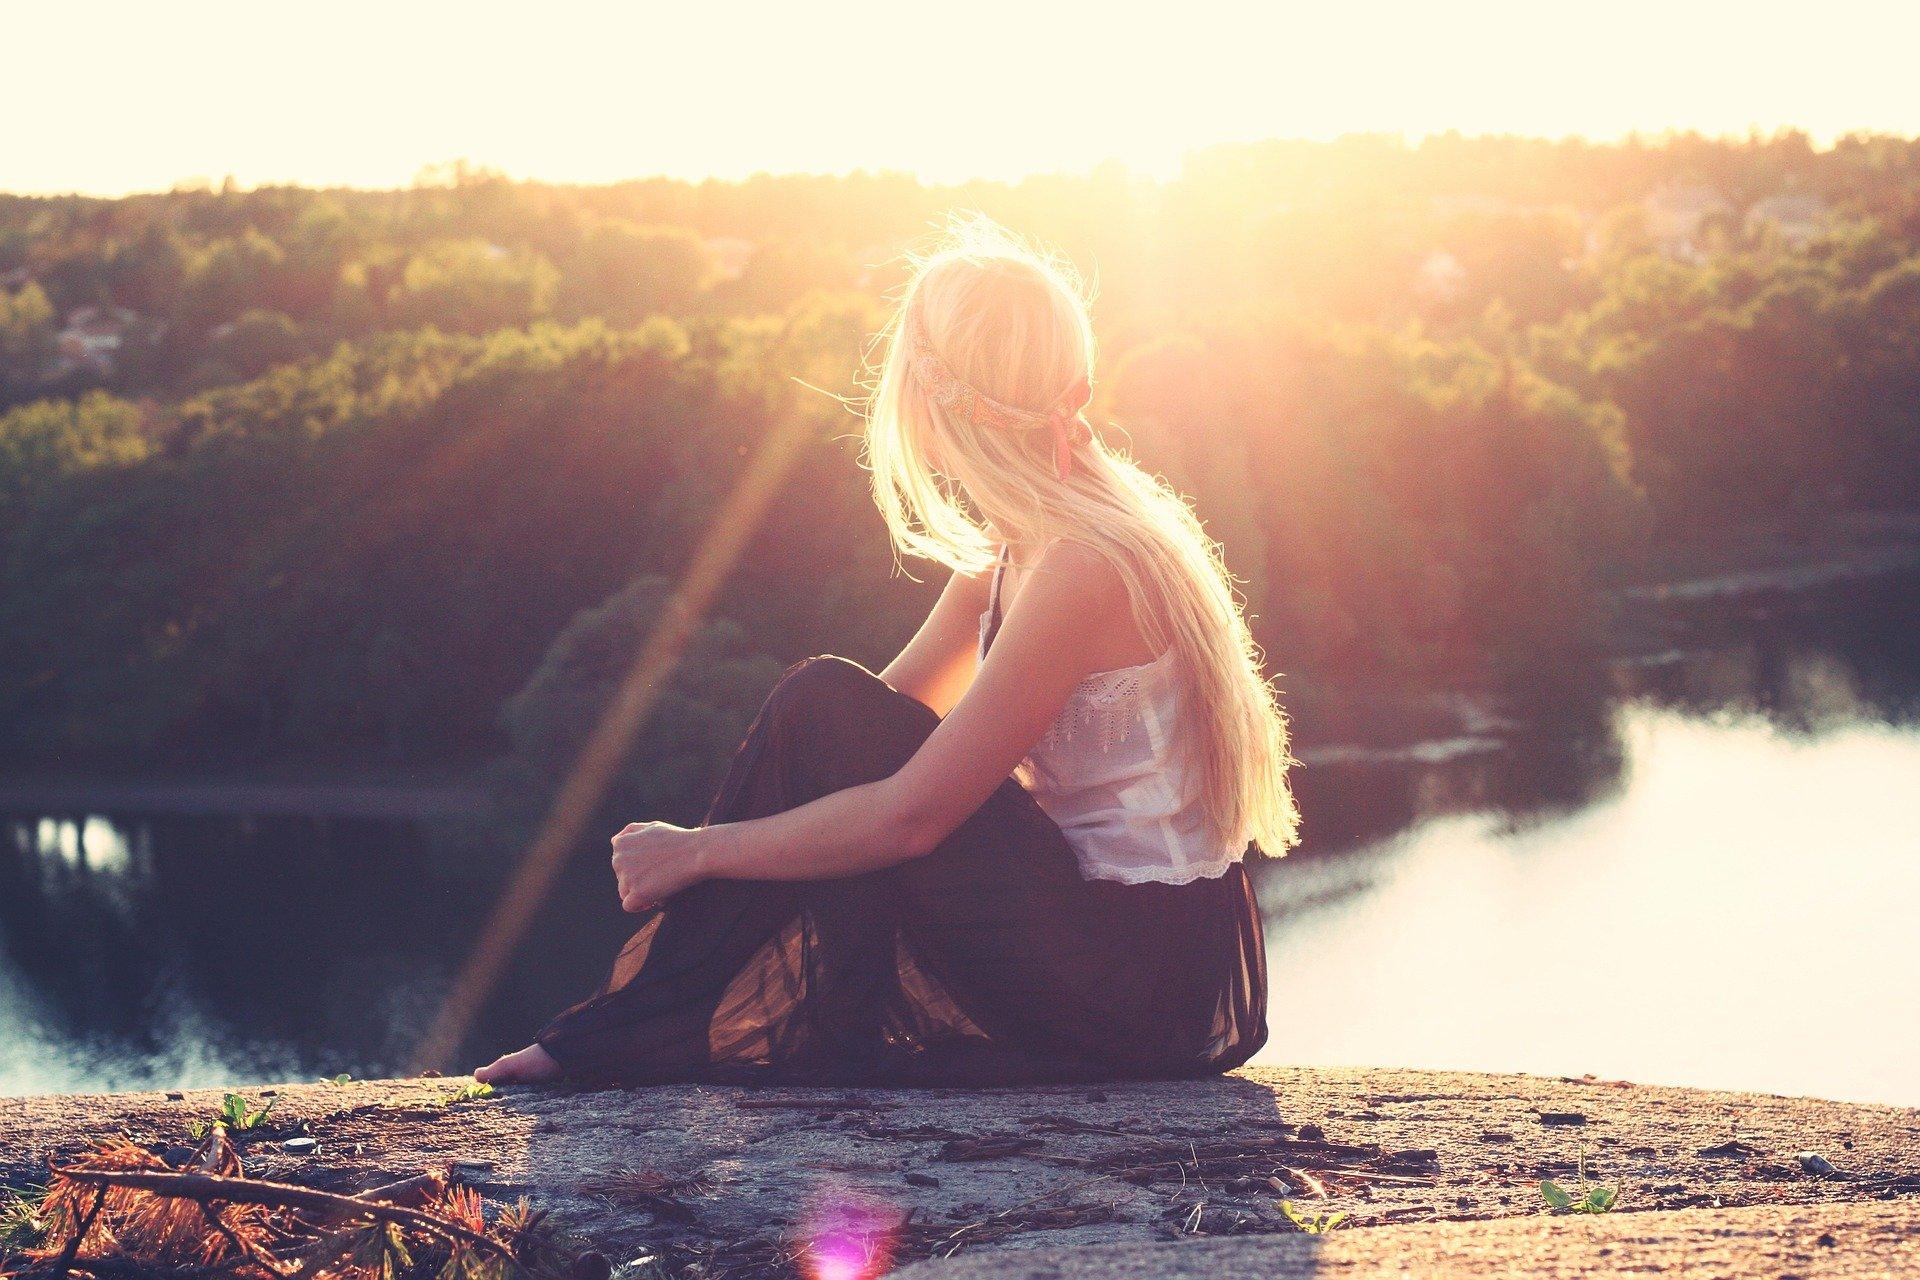 Foto; Frau sitz auf einer Kante oberhalb eines Sees und wird von der Sonne angestrahlt